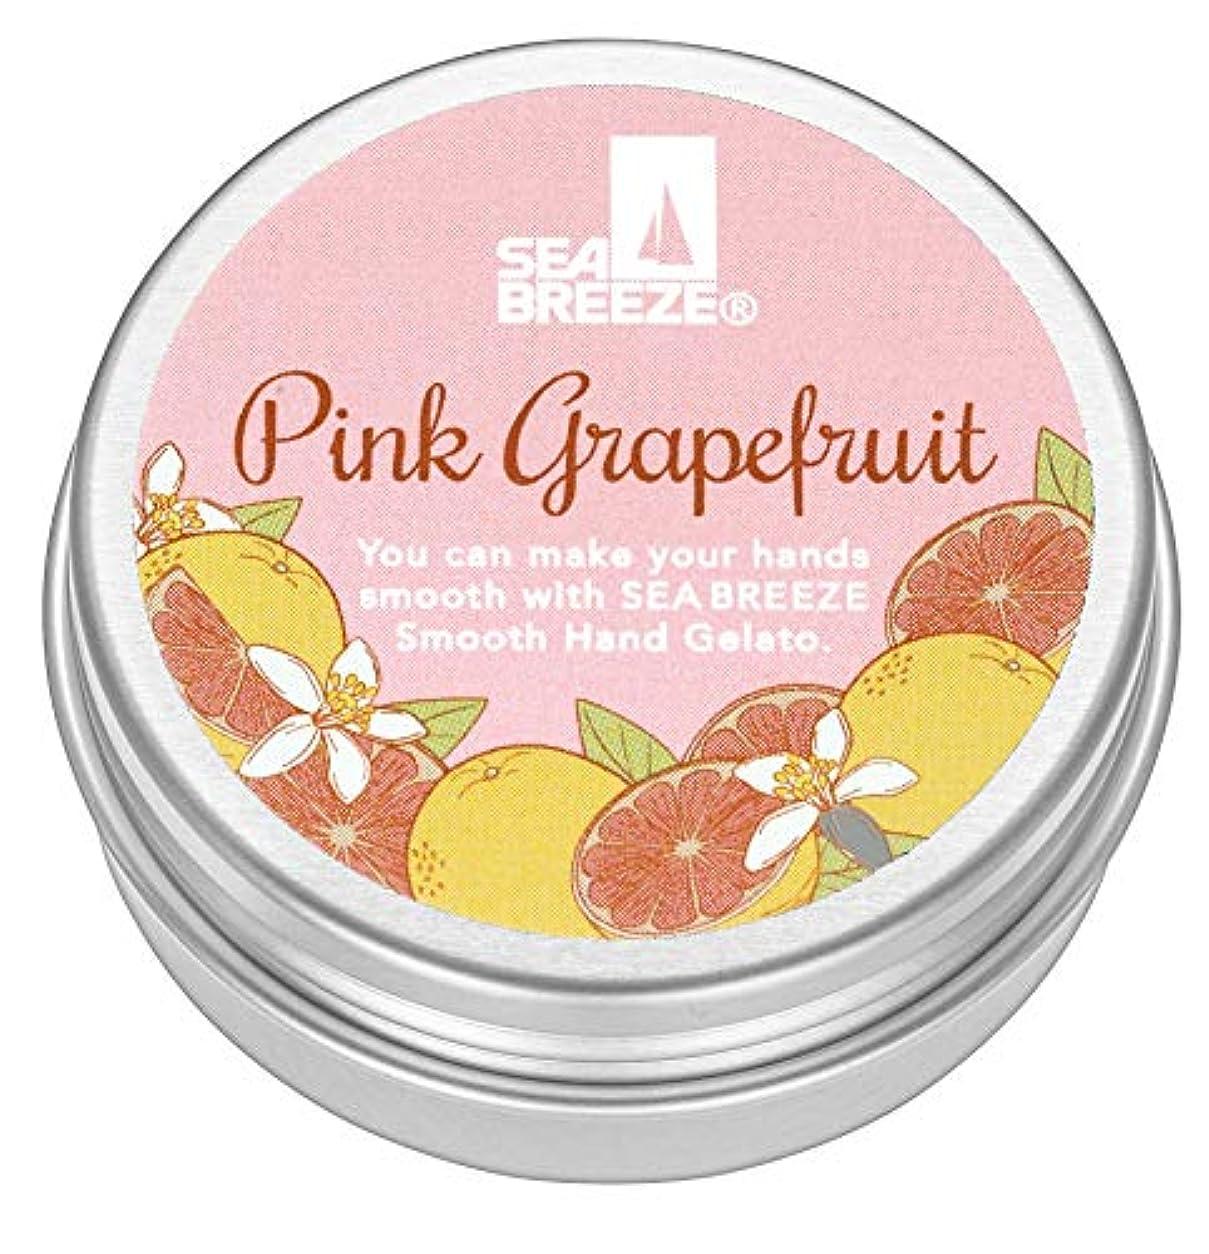 エイリアスバス白内障シーブリーズ スムースハンドジェラート ピンクグレープフルーツ 18g